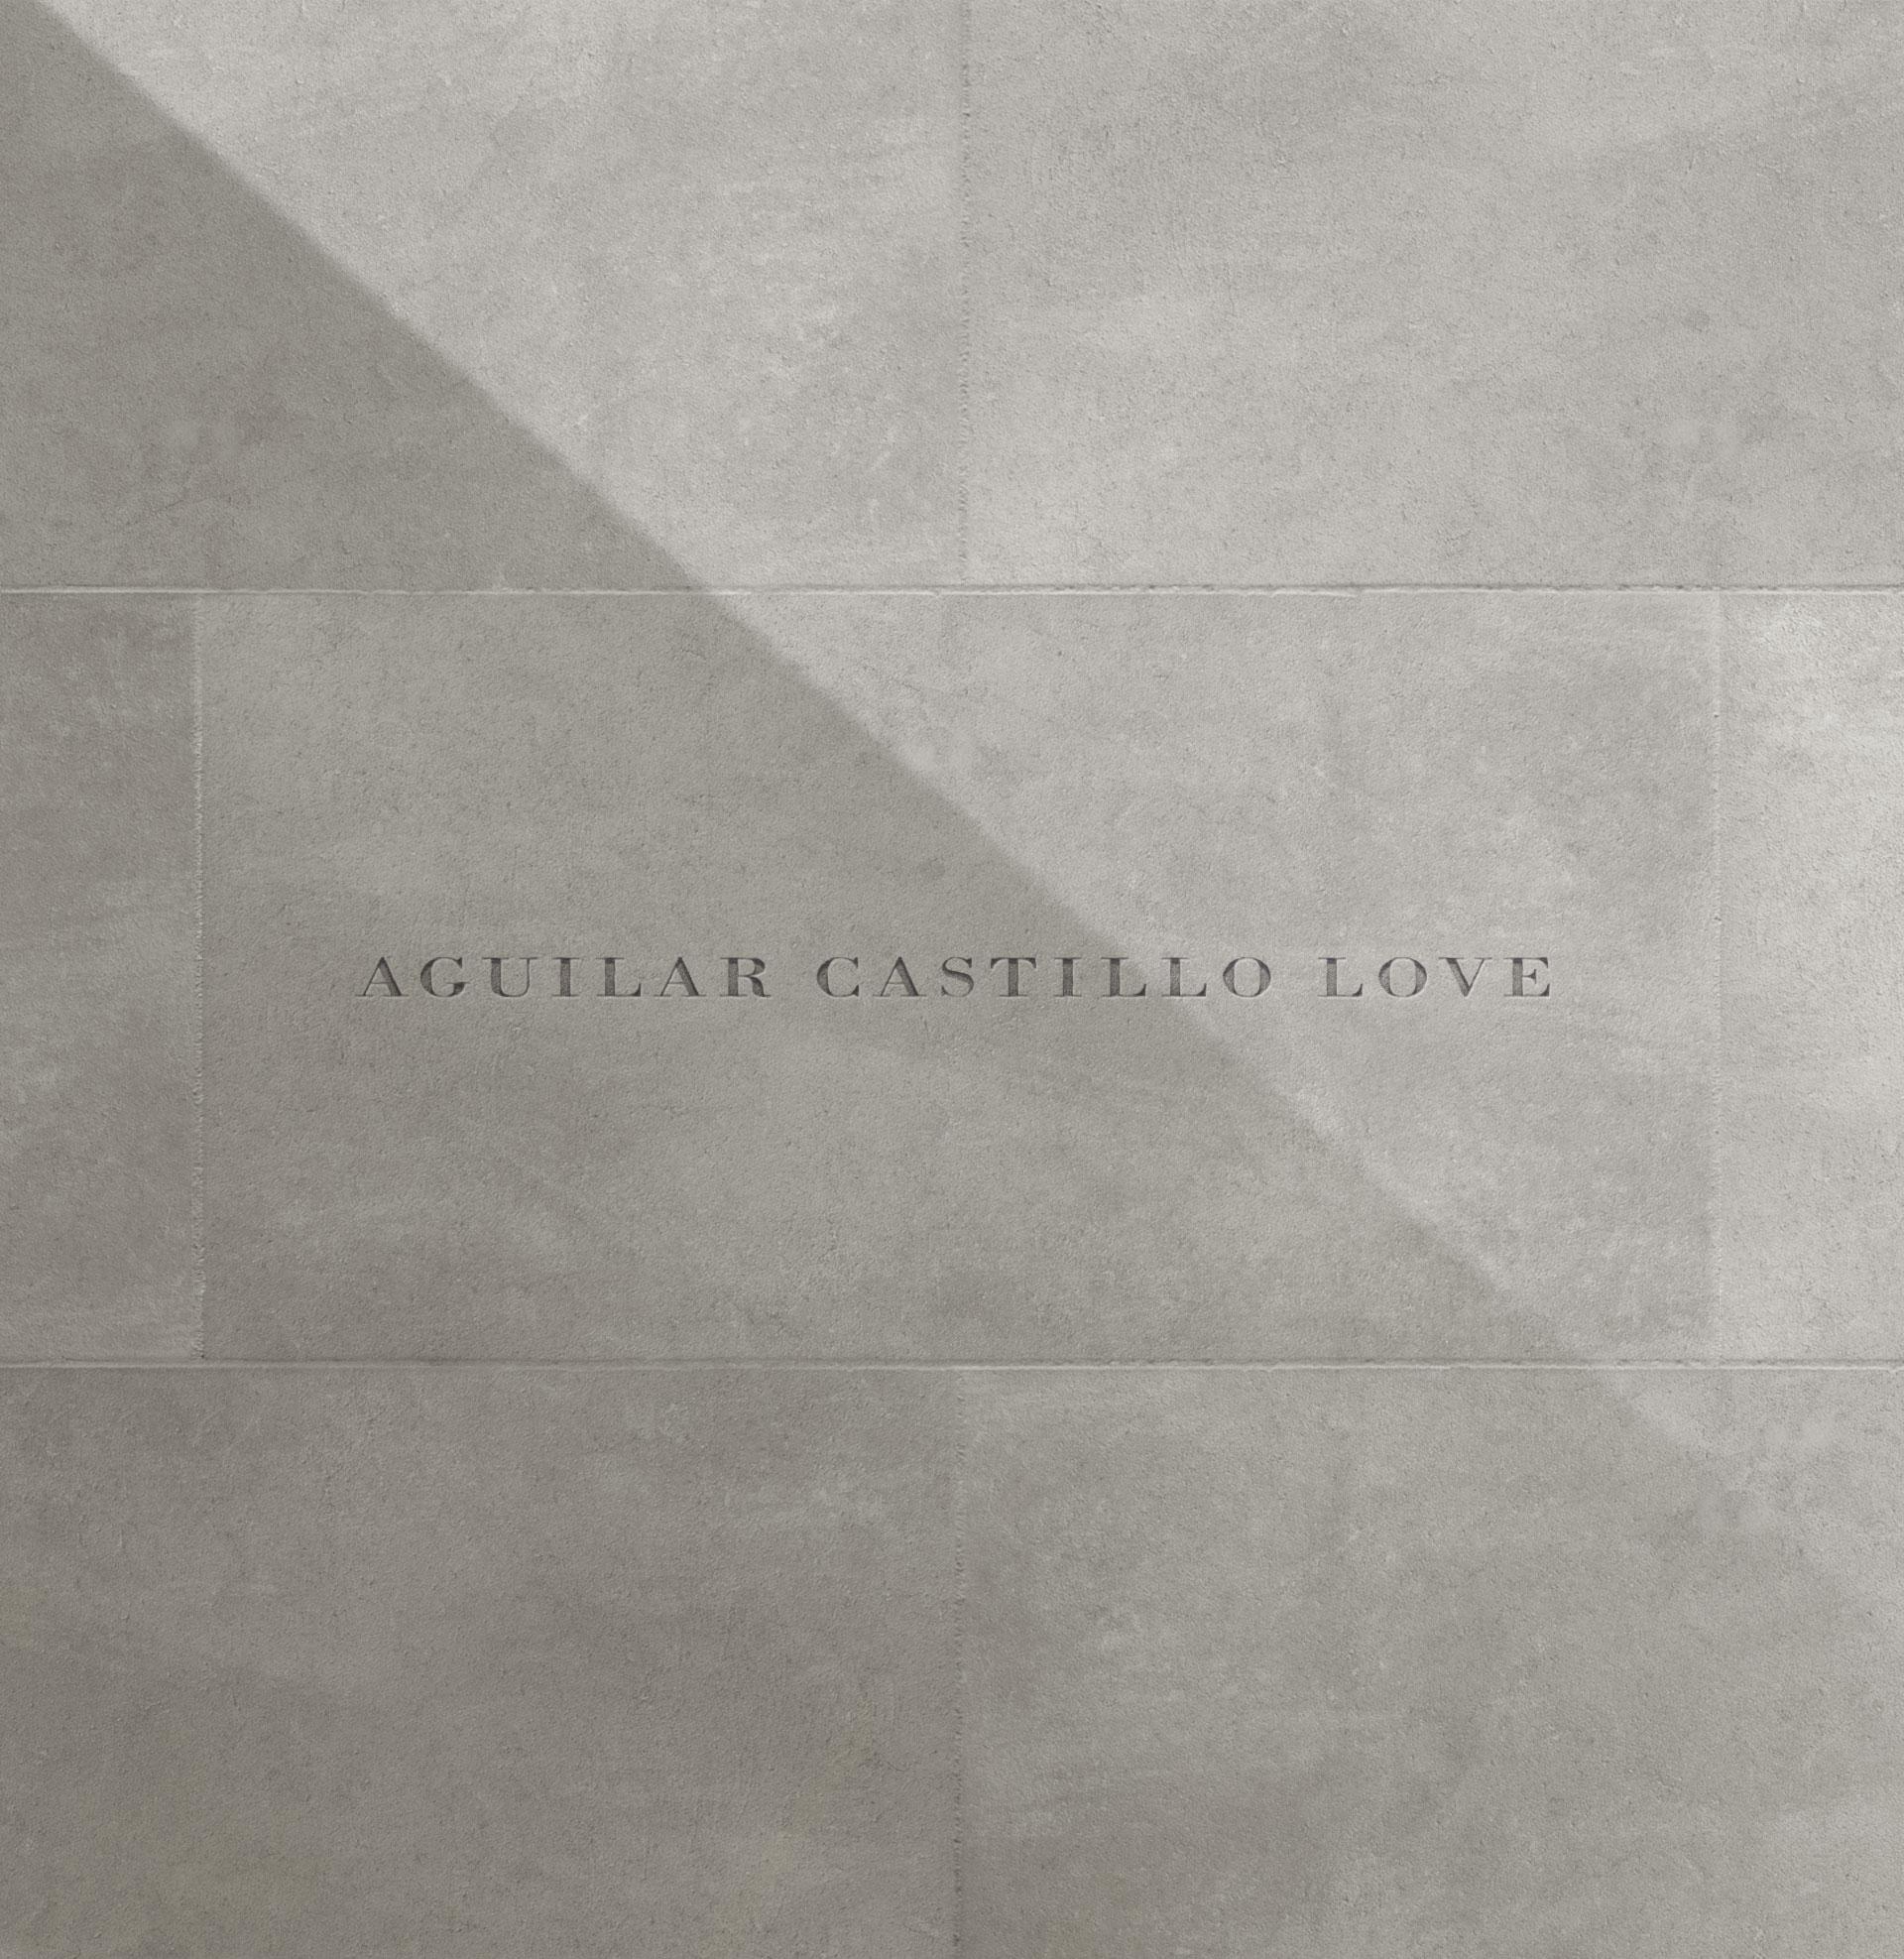 Aguilar Castillo Love (Central America): brand identity